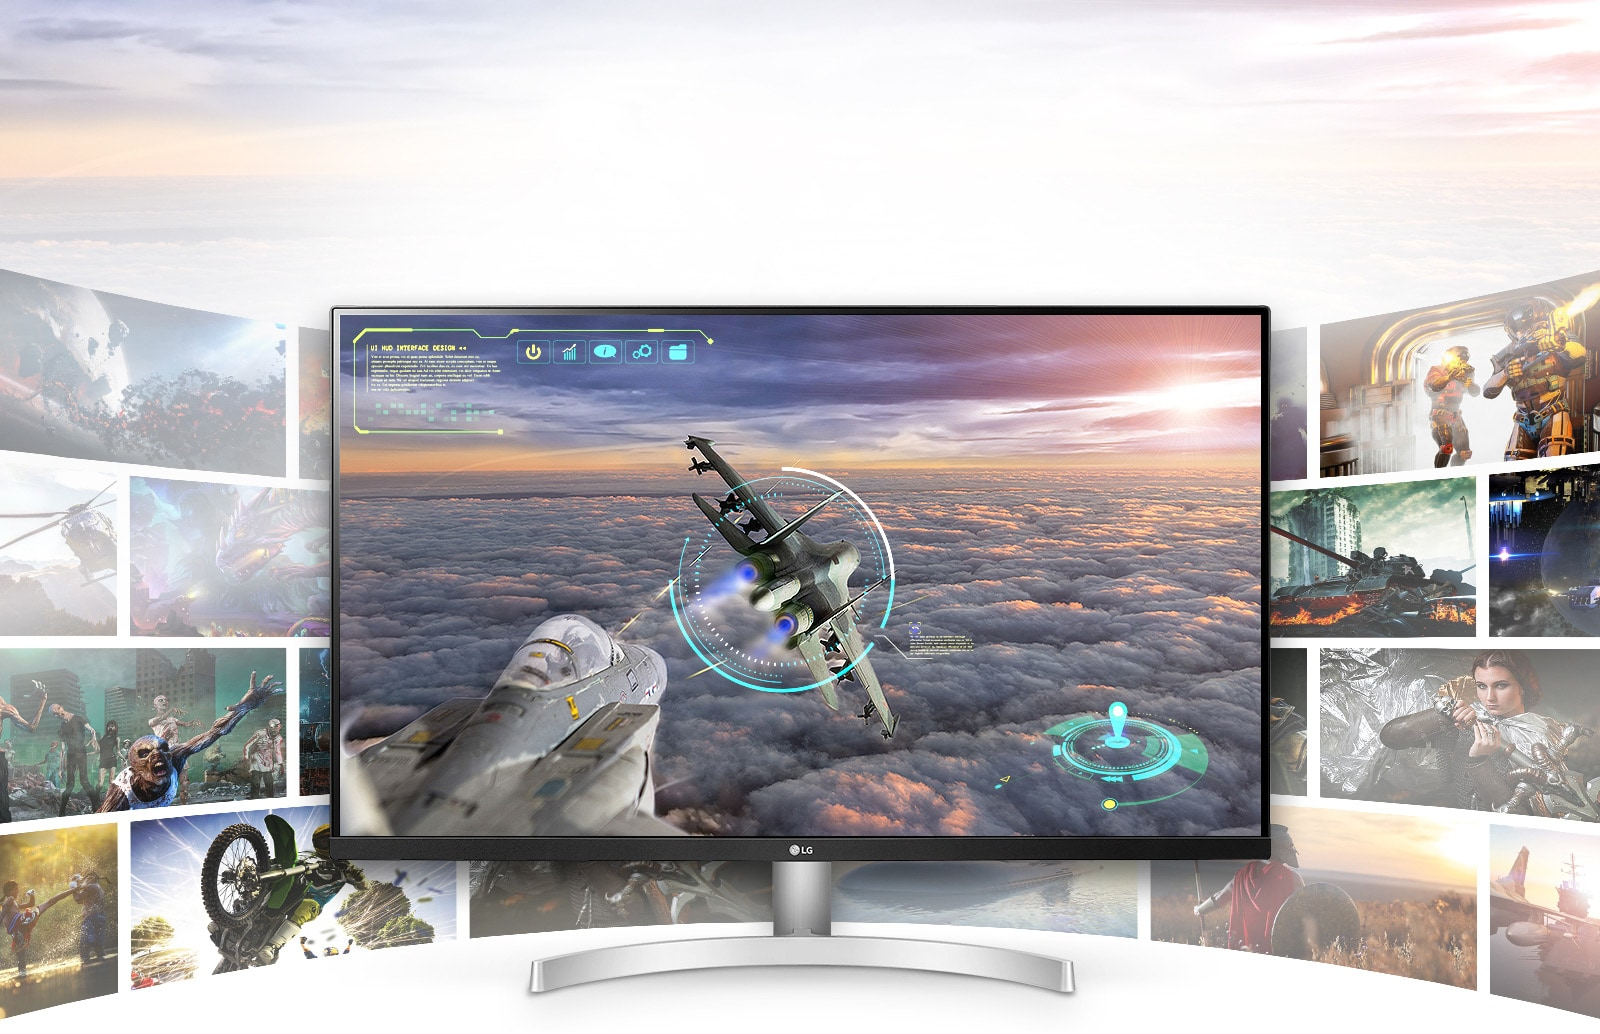 Cảnh chơi game với độ rõ nét và chi tiết vượt trội trong màn hình LG UHD 4K